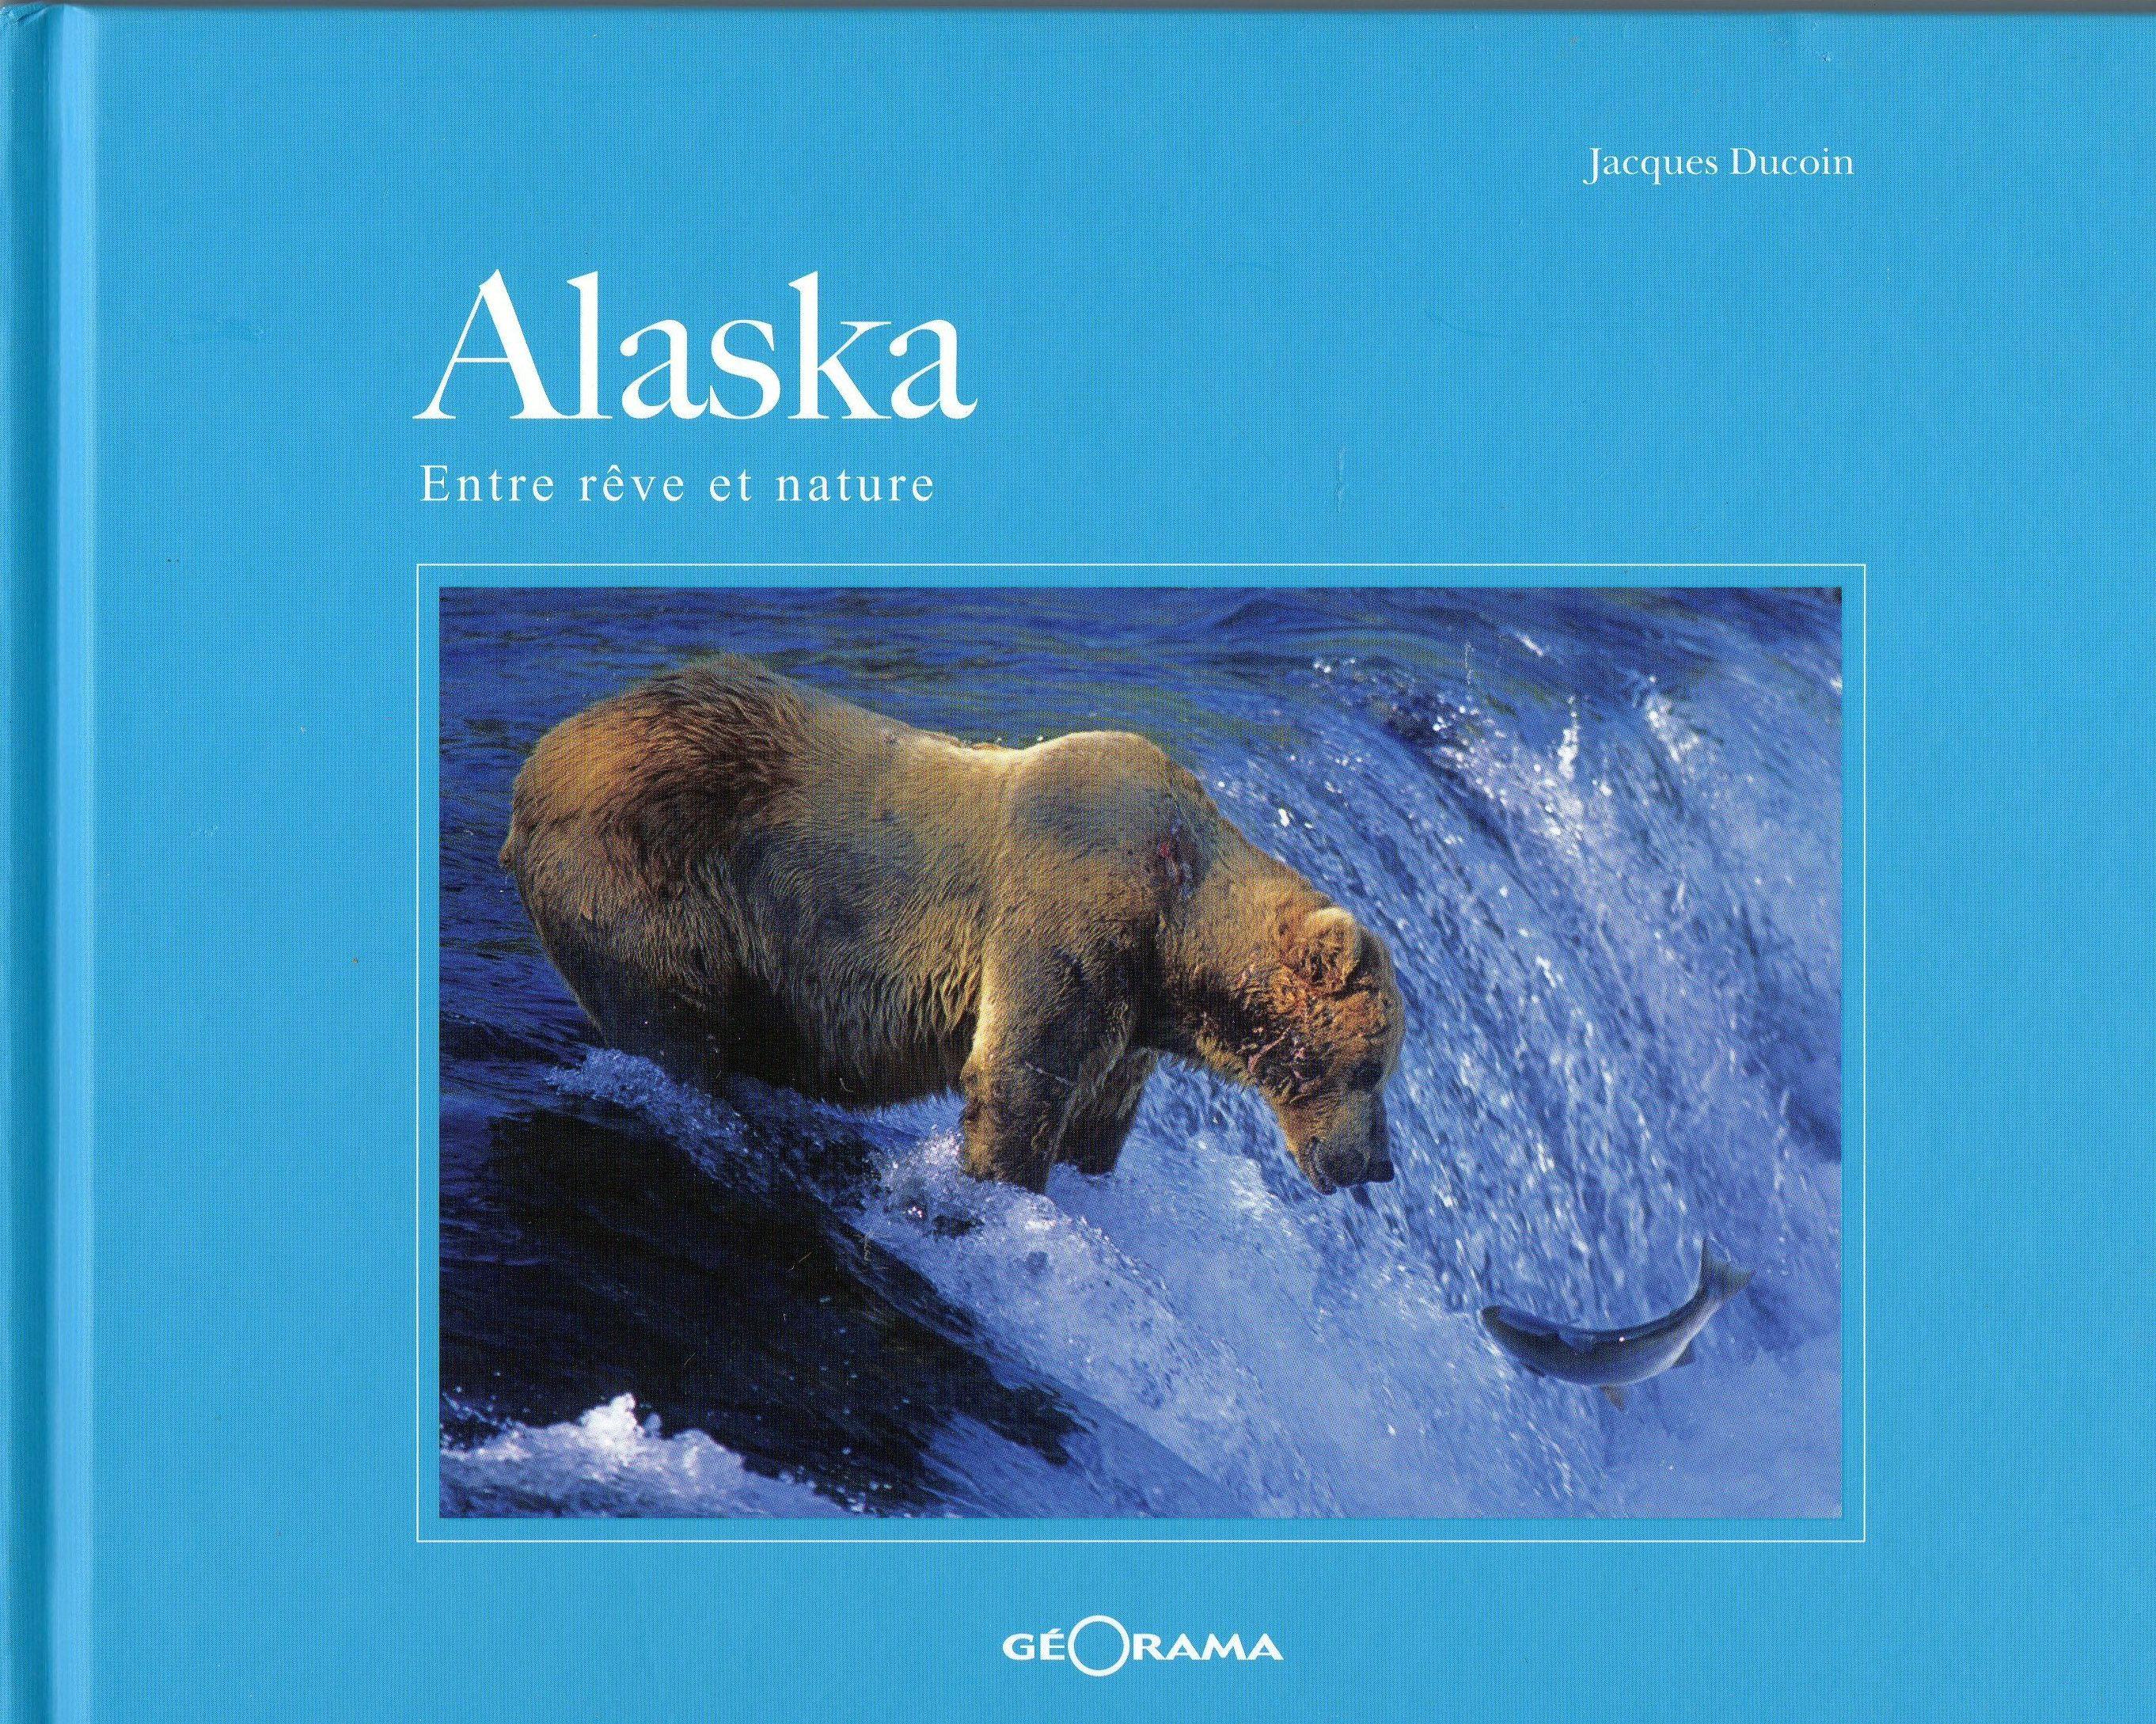 ALASKA, Entre rêve et nature